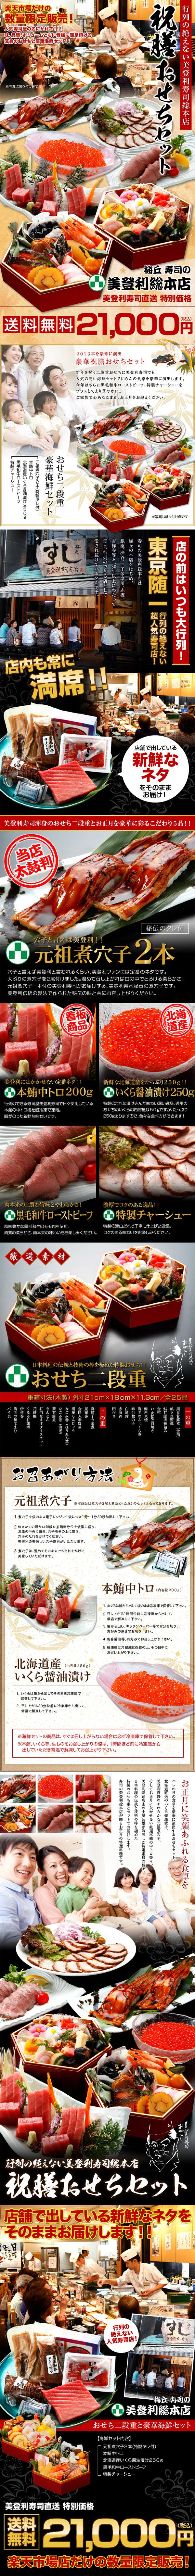 美登利寿司の祝膳おせち